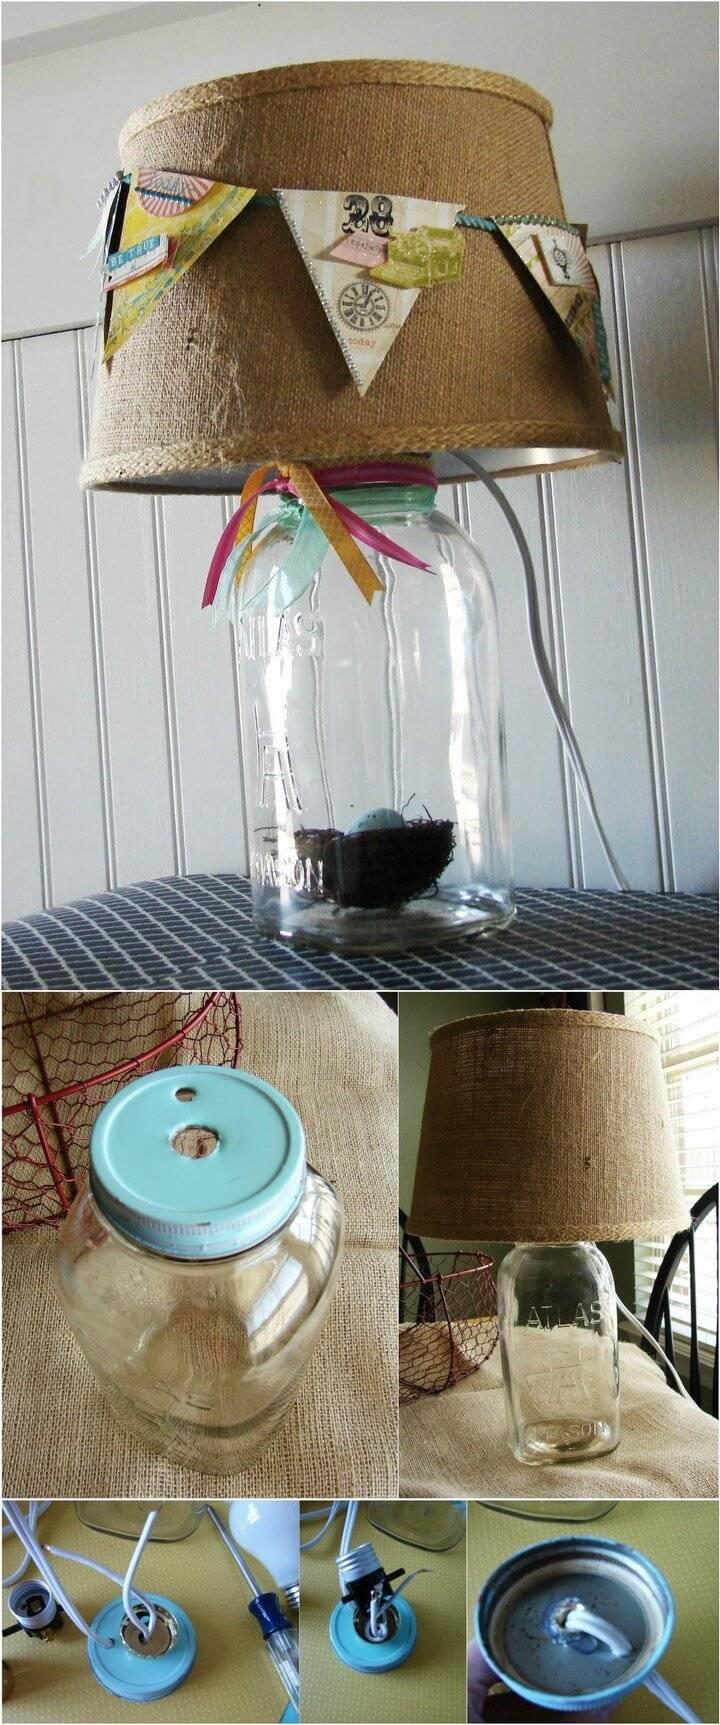 DIY Mason Jar Lamp with Spring Banner Lampshade